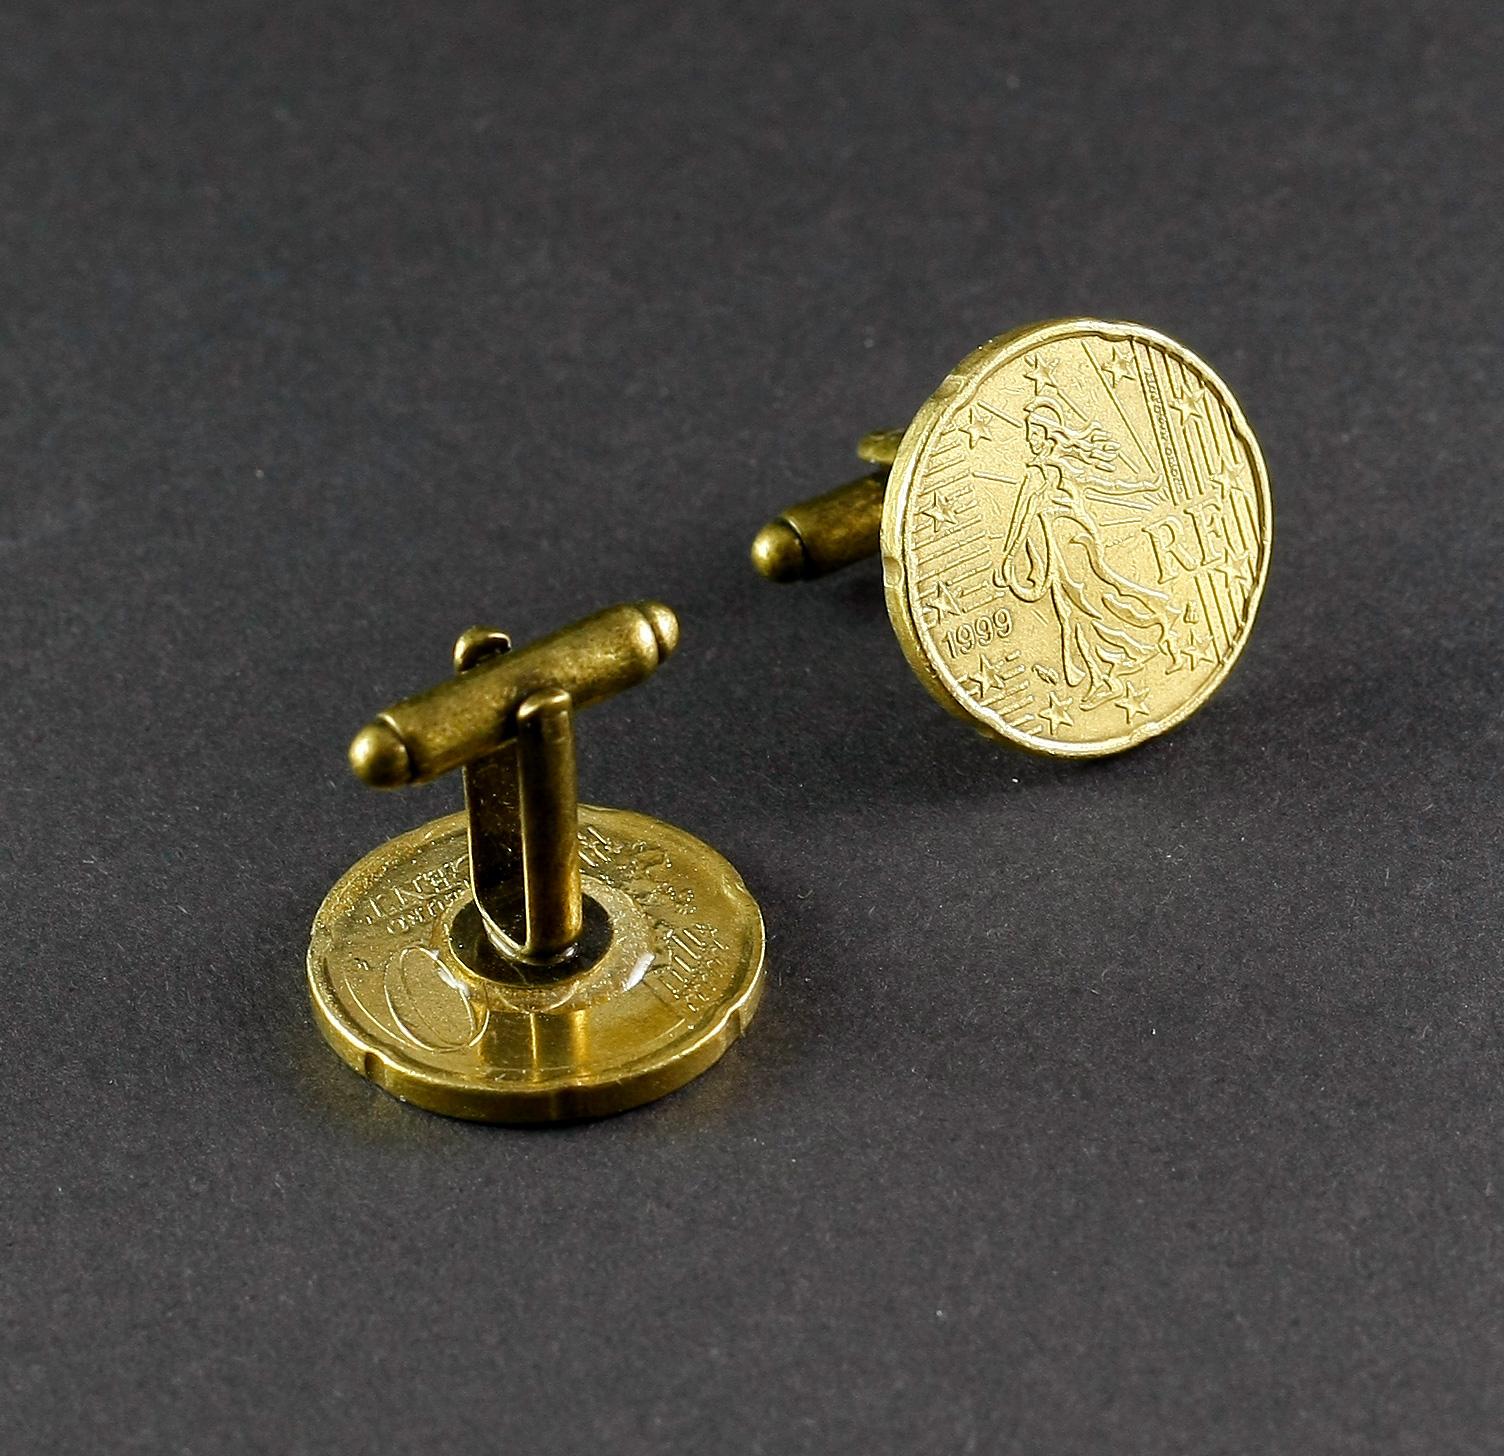 Manschettenknöpfe 20 Euro Cent Frankreich Münzen Bernhardt Style